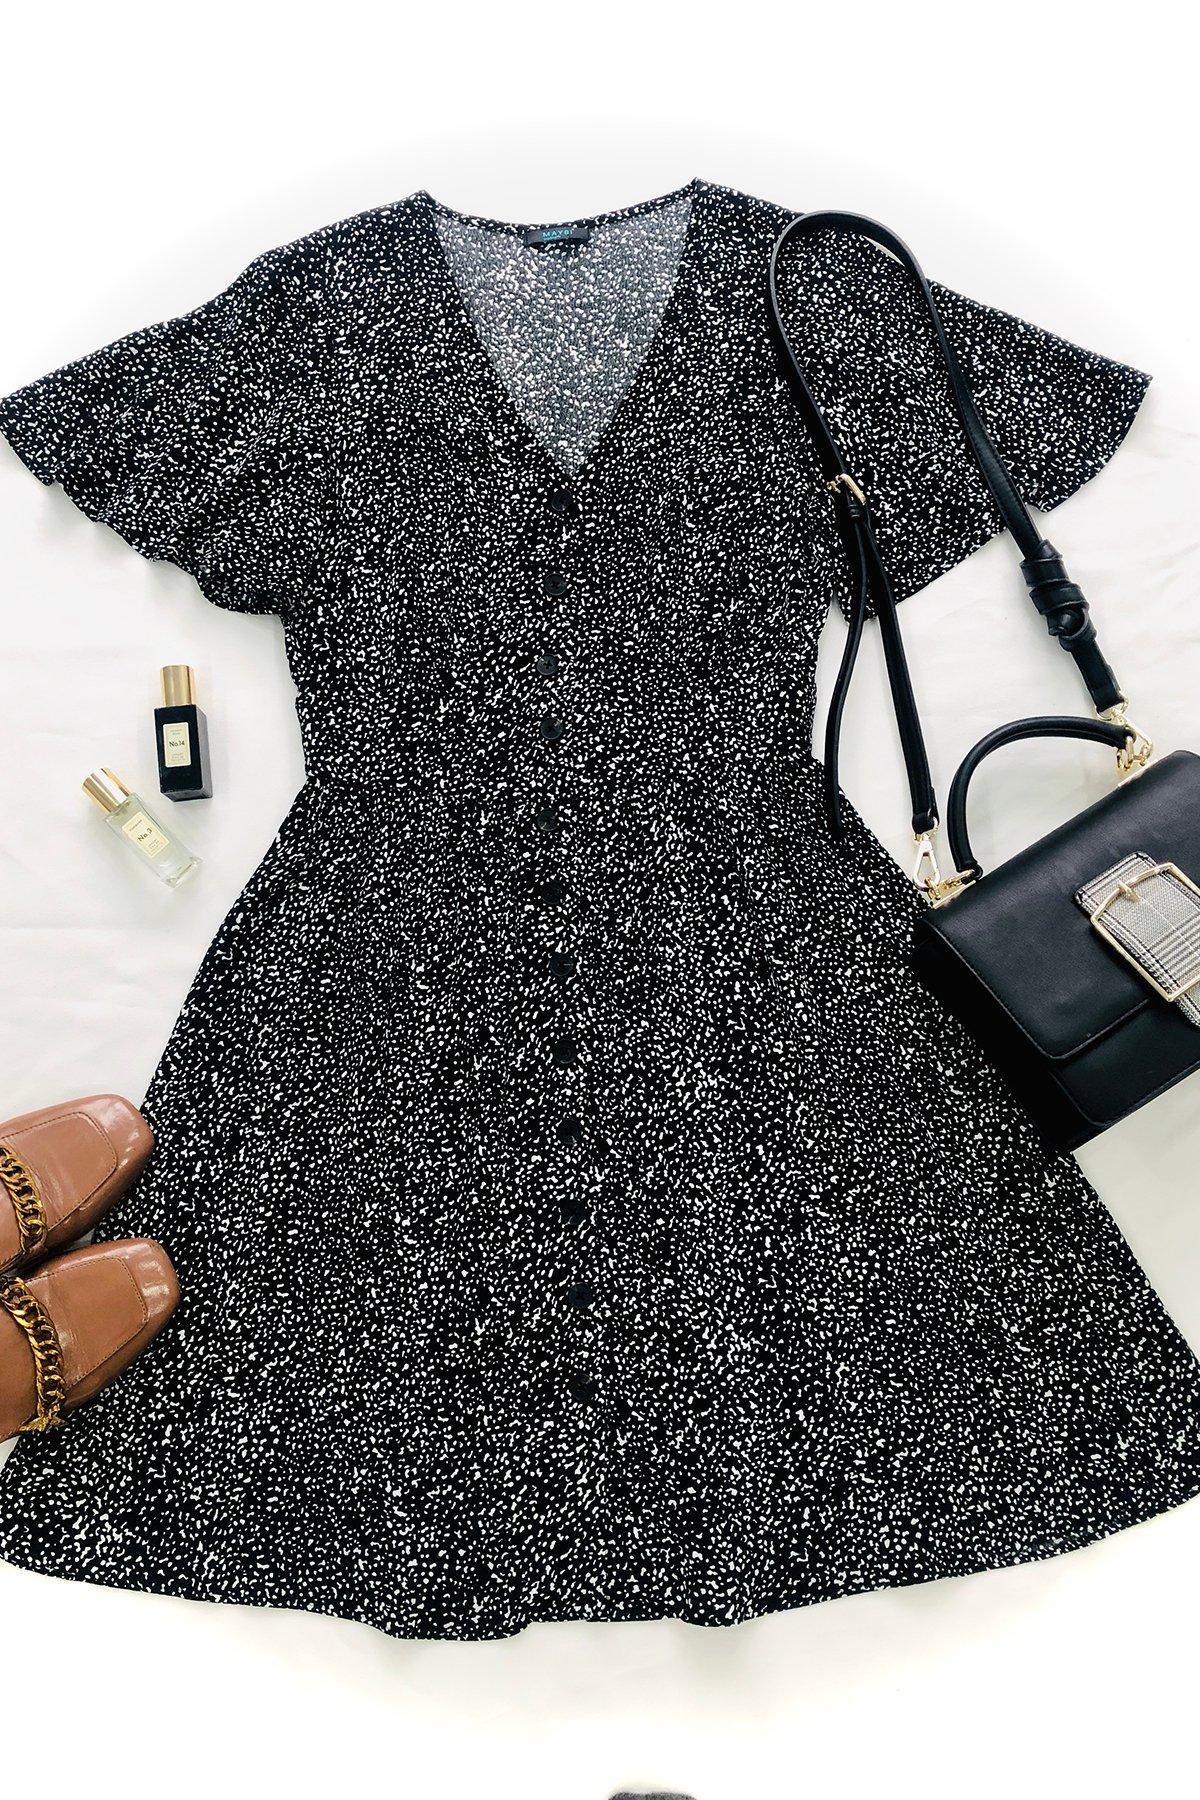 Đầm đen hoạ tiết cổ V cài nút tay cánh tiên Black dotties dress